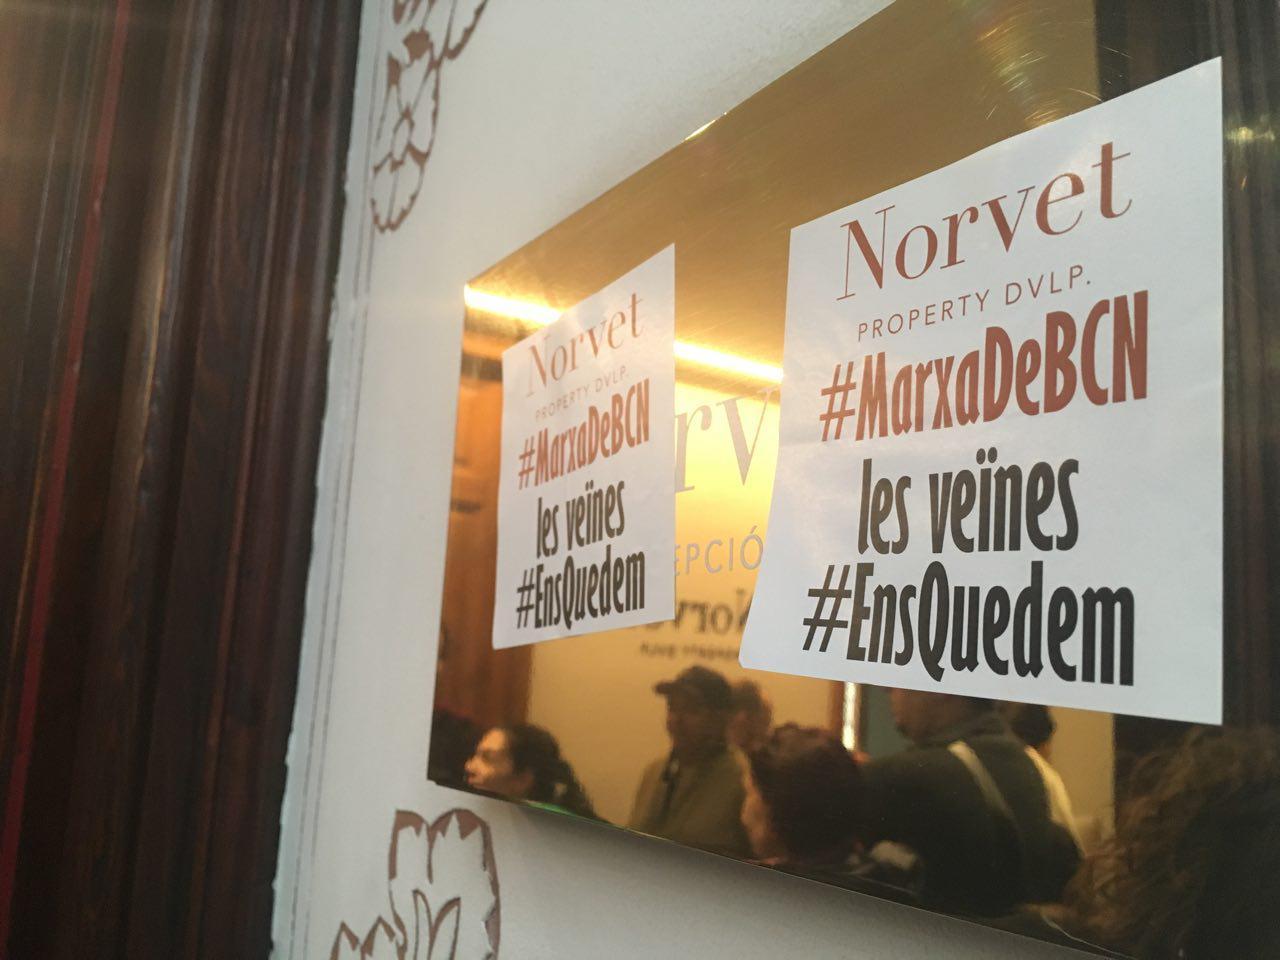 Ocupen les oficines de Norvet per reclamar que aturin el desnonament d'un veí de Poble-sec